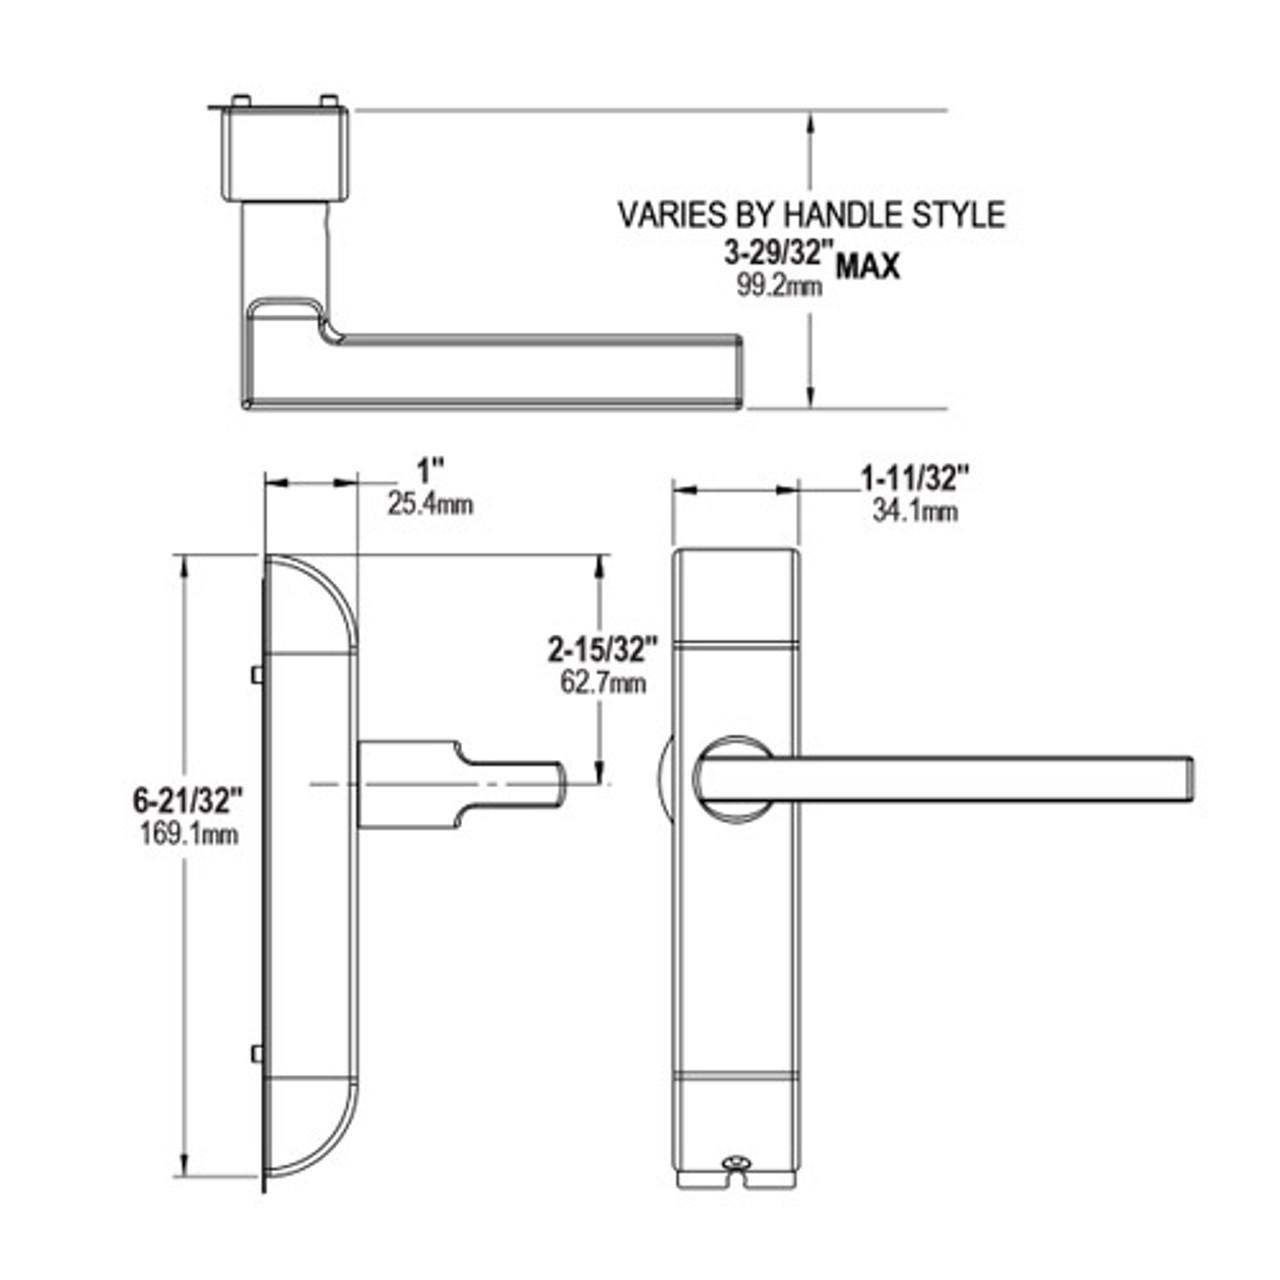 4600M-MN-631-US32 Adams Rite MN Designer handle Dimensional View